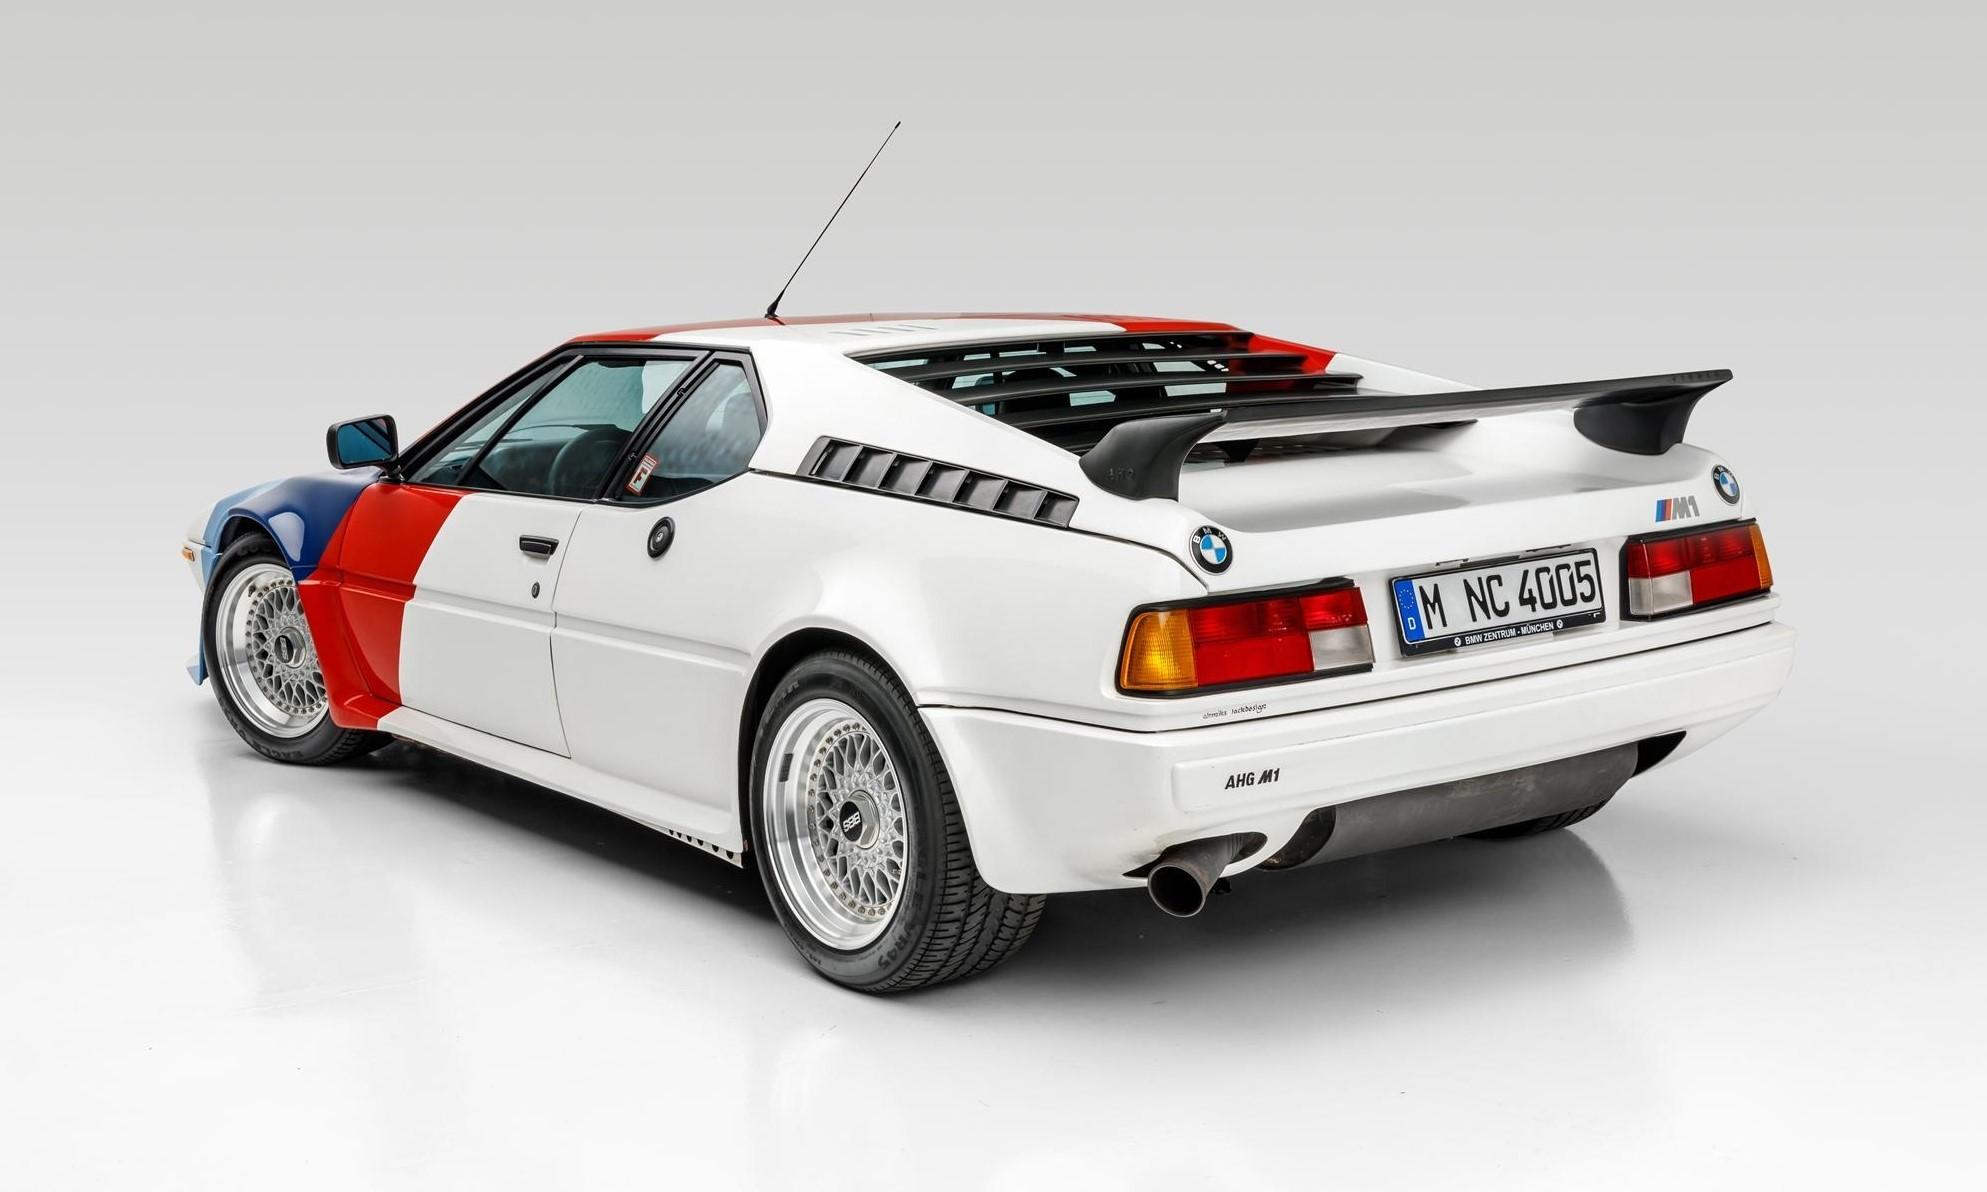 Paul Walker BMW M1 rear